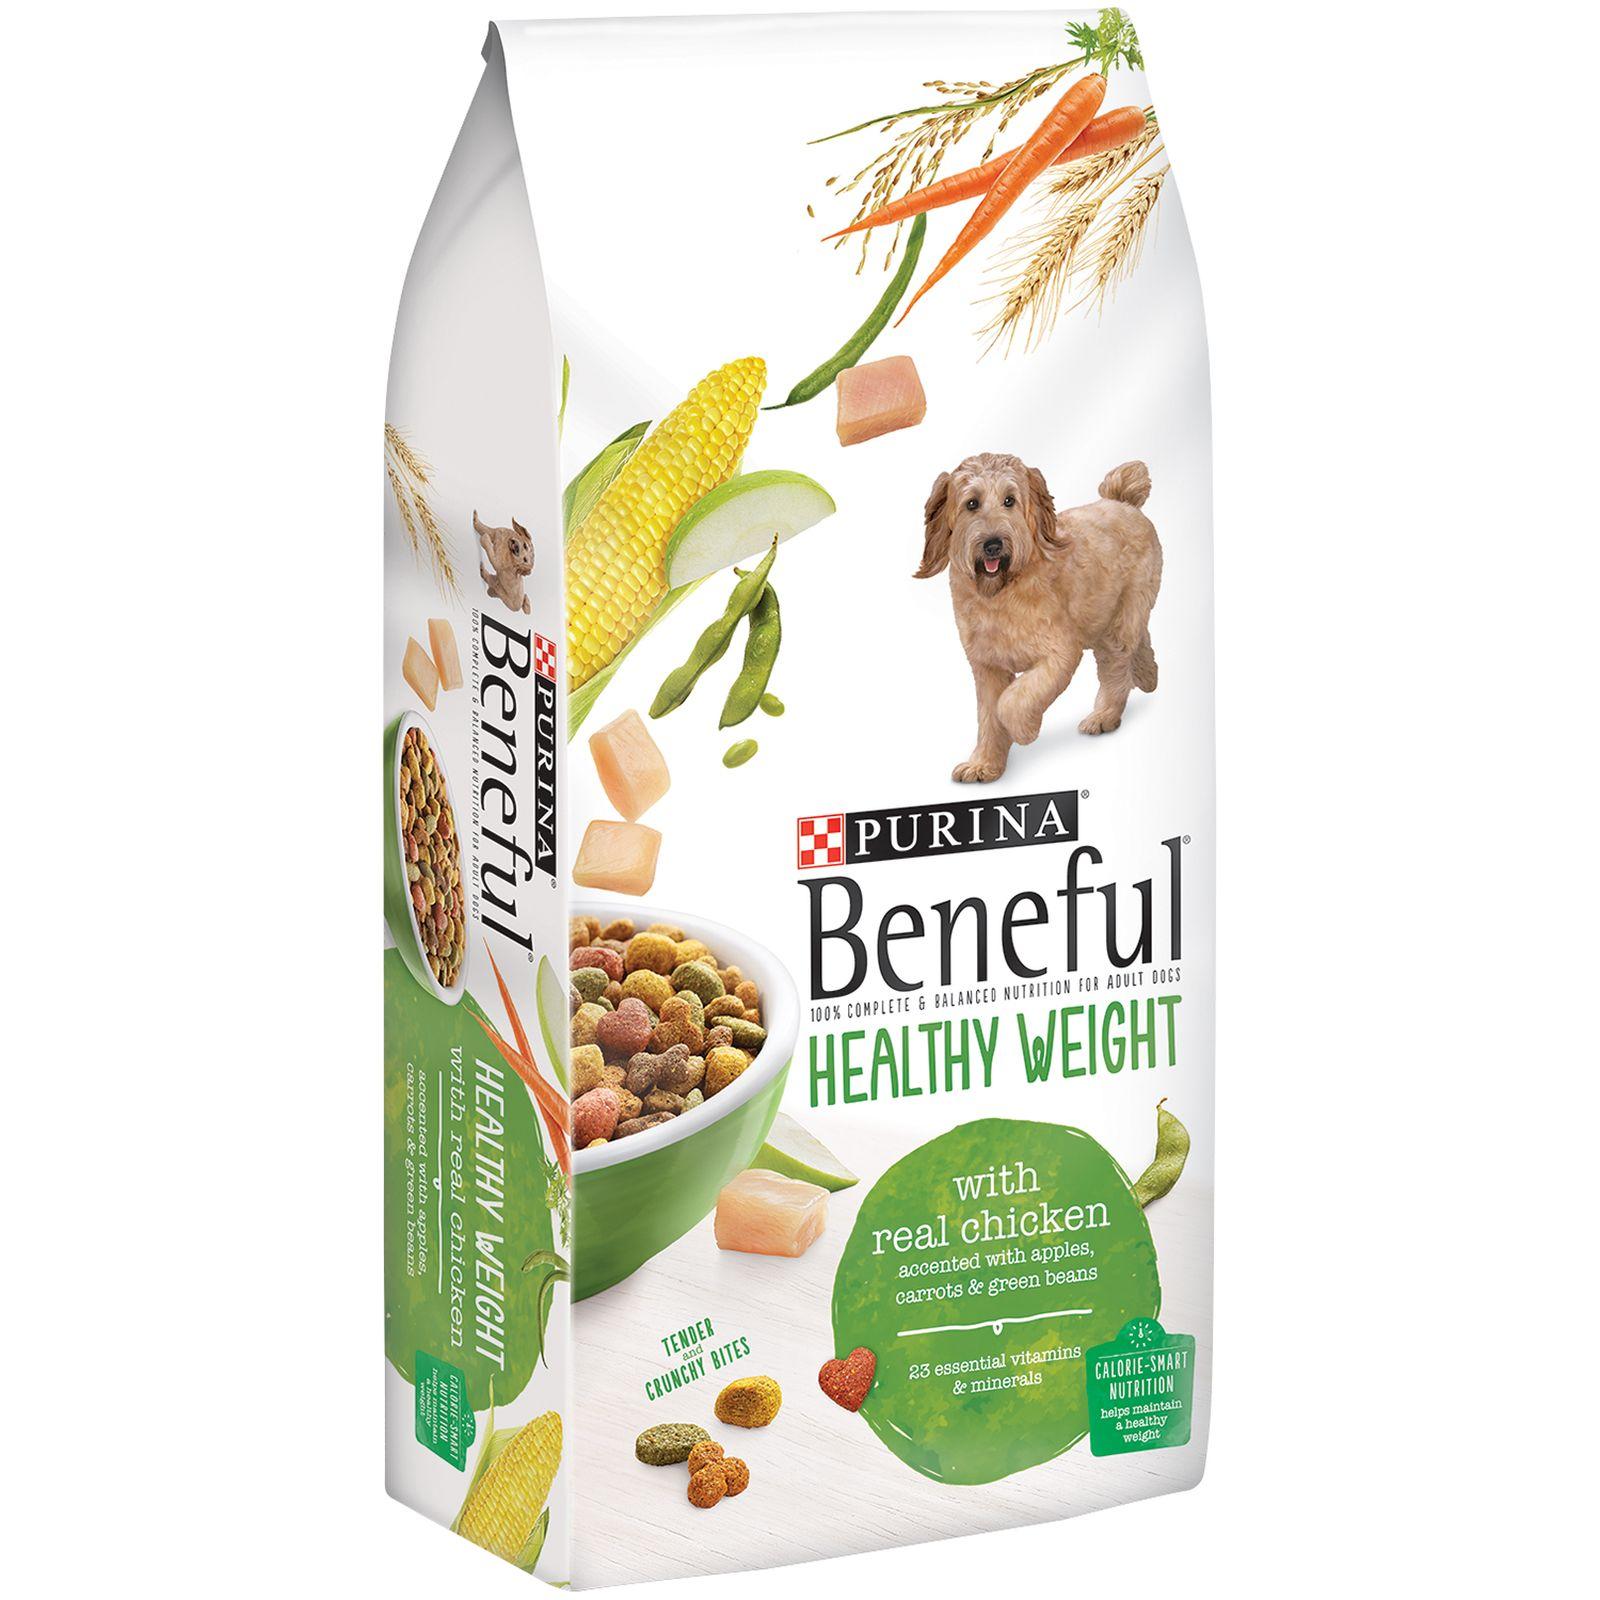 Beneful Healthy Weight Dog Food 31 1 Lb Bag